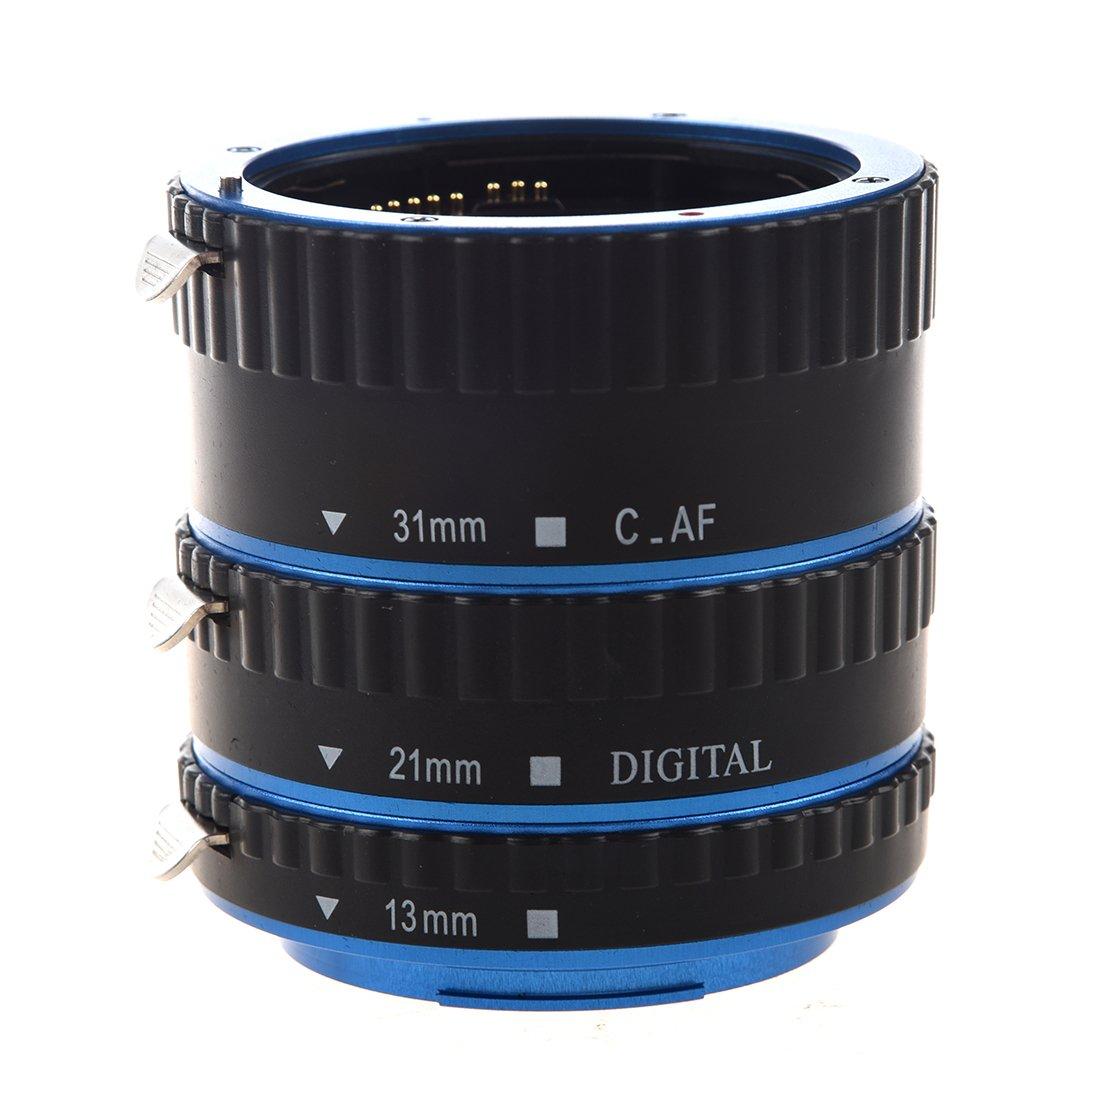 TOOGOO(R)Tubo di prolunga automatico per Canon EOS EF/AF - Set di tre tubi di prolunga Auto Focus: 13 mm, 21 mm, 31 mm, compatibili con Canon EF/EF-S (blu e nero) SODIAL(R) 050885